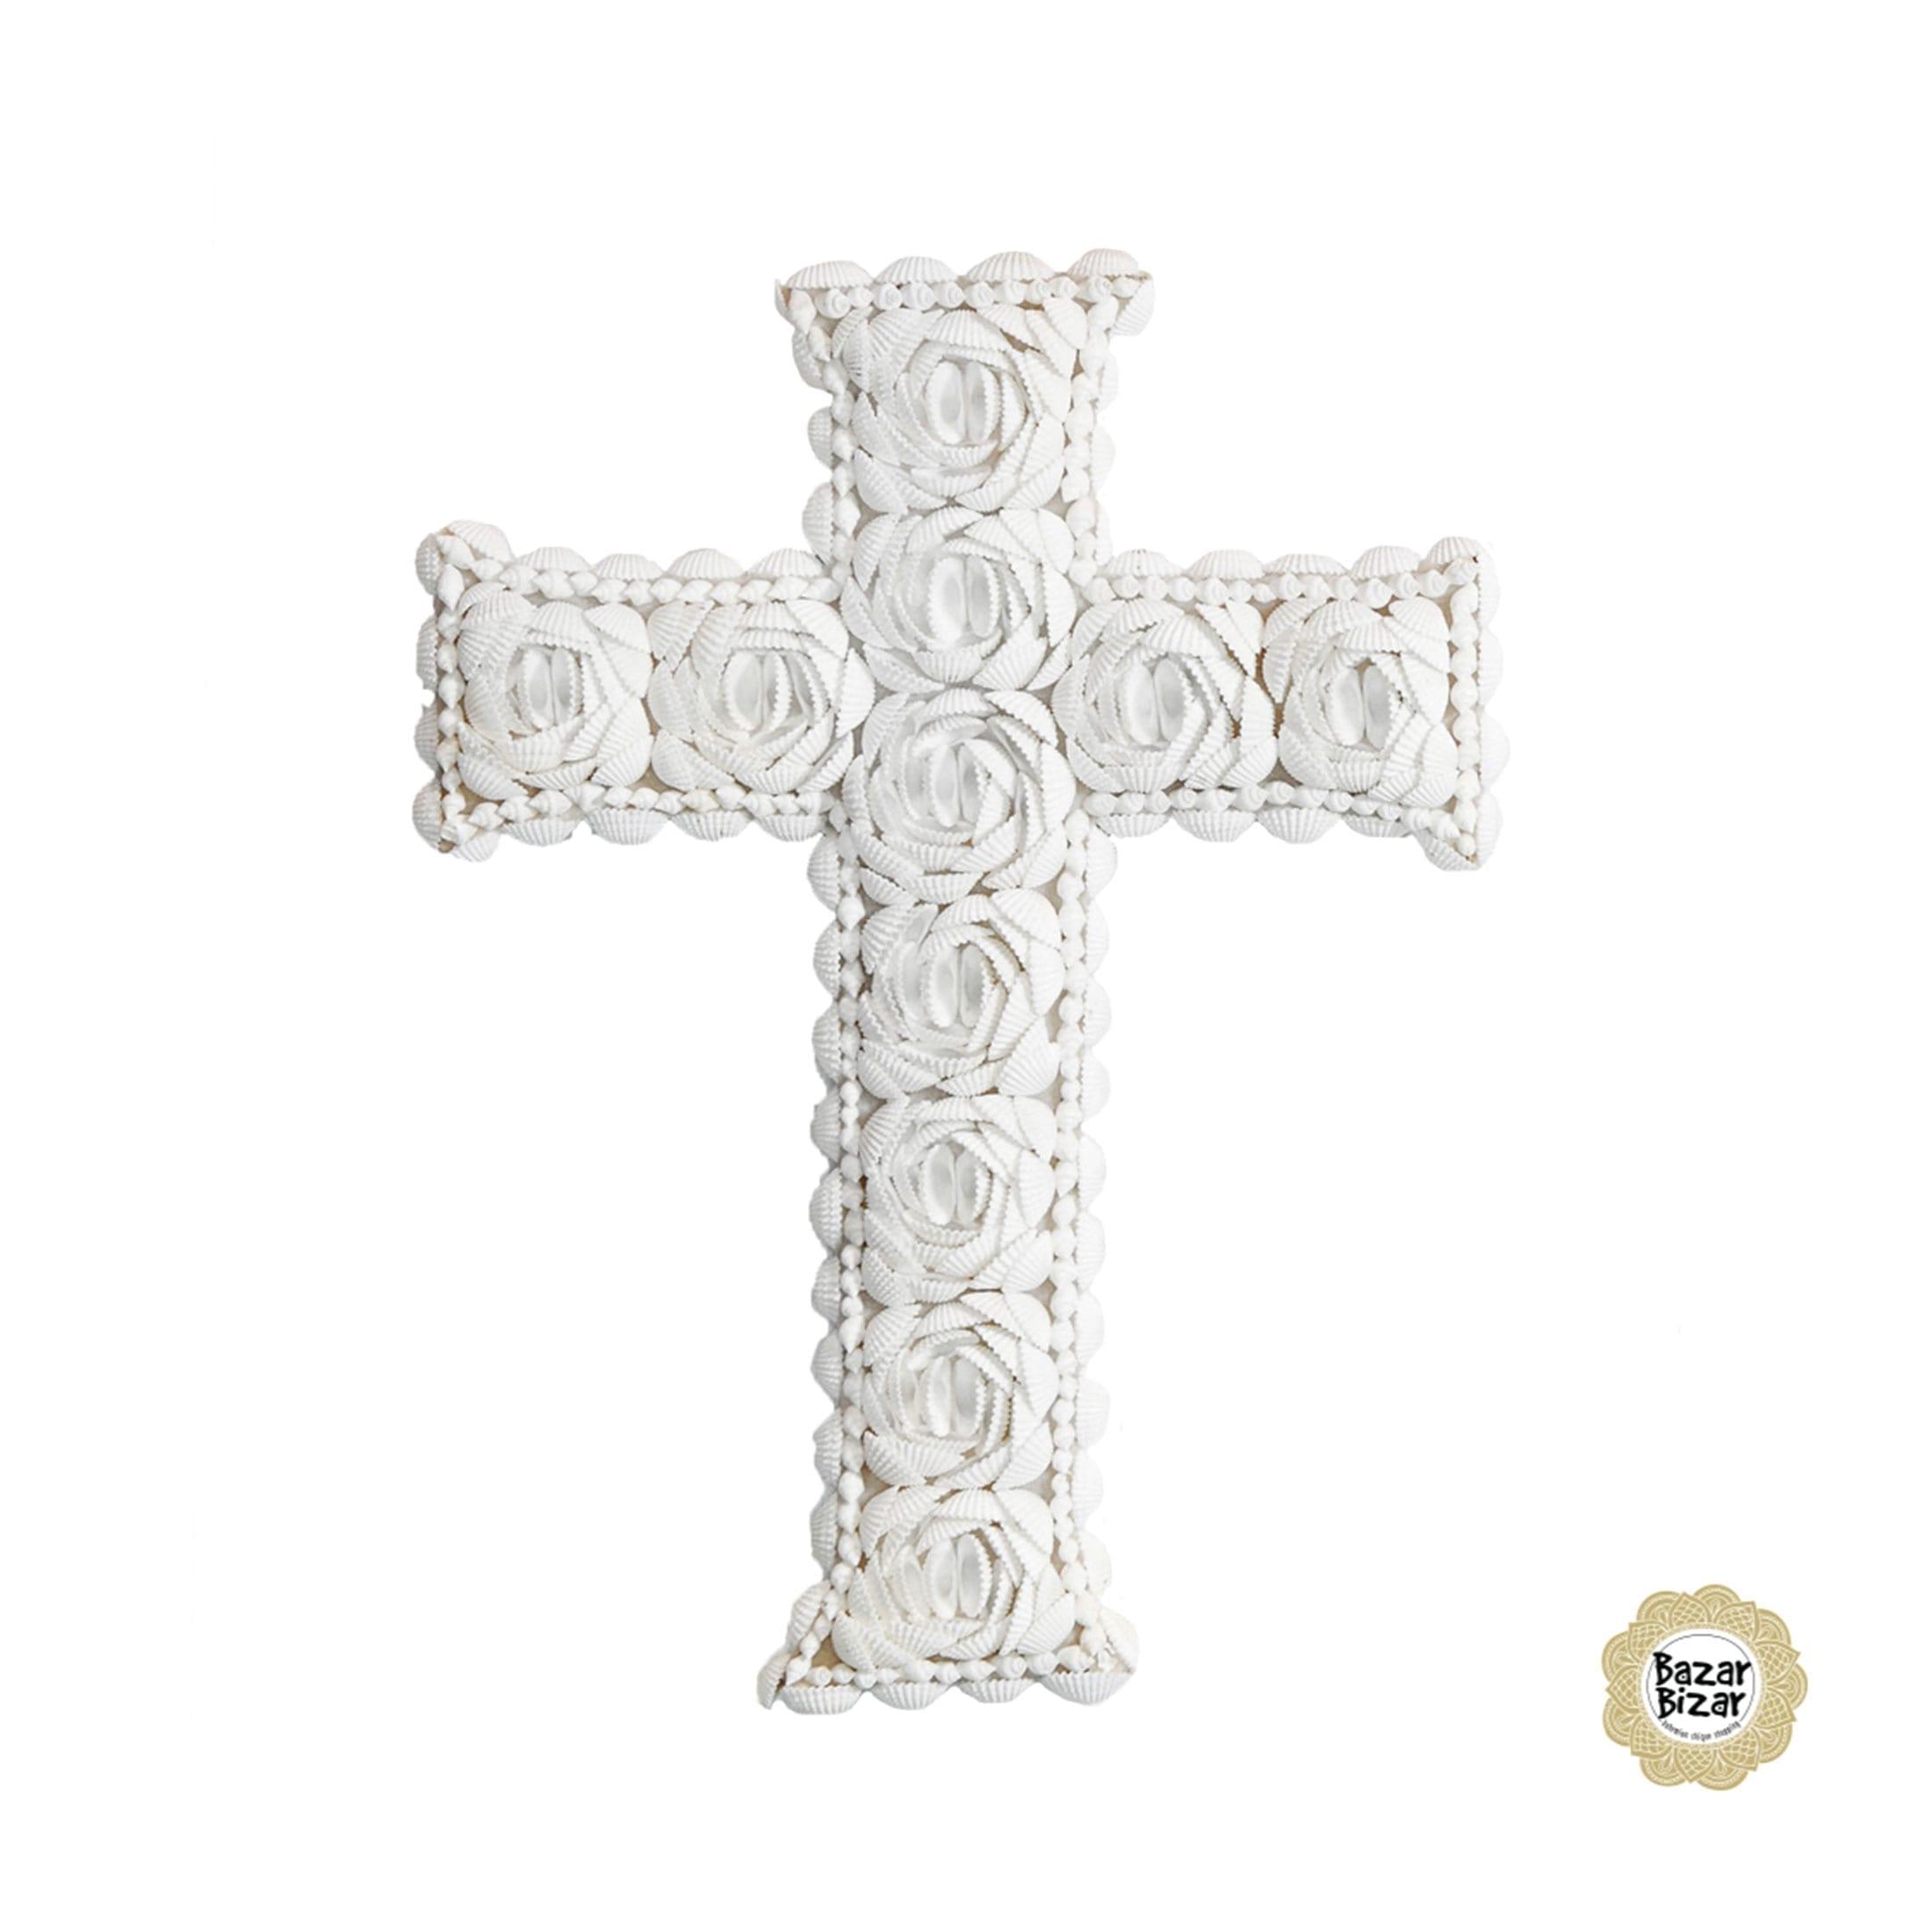 Kreuz aus Muscheln zum Verschenken an der Kommunion, zur Geburt oder für die Dekoration im maritimen Bohemian Stil. Entdecke weitere Muschel Deko